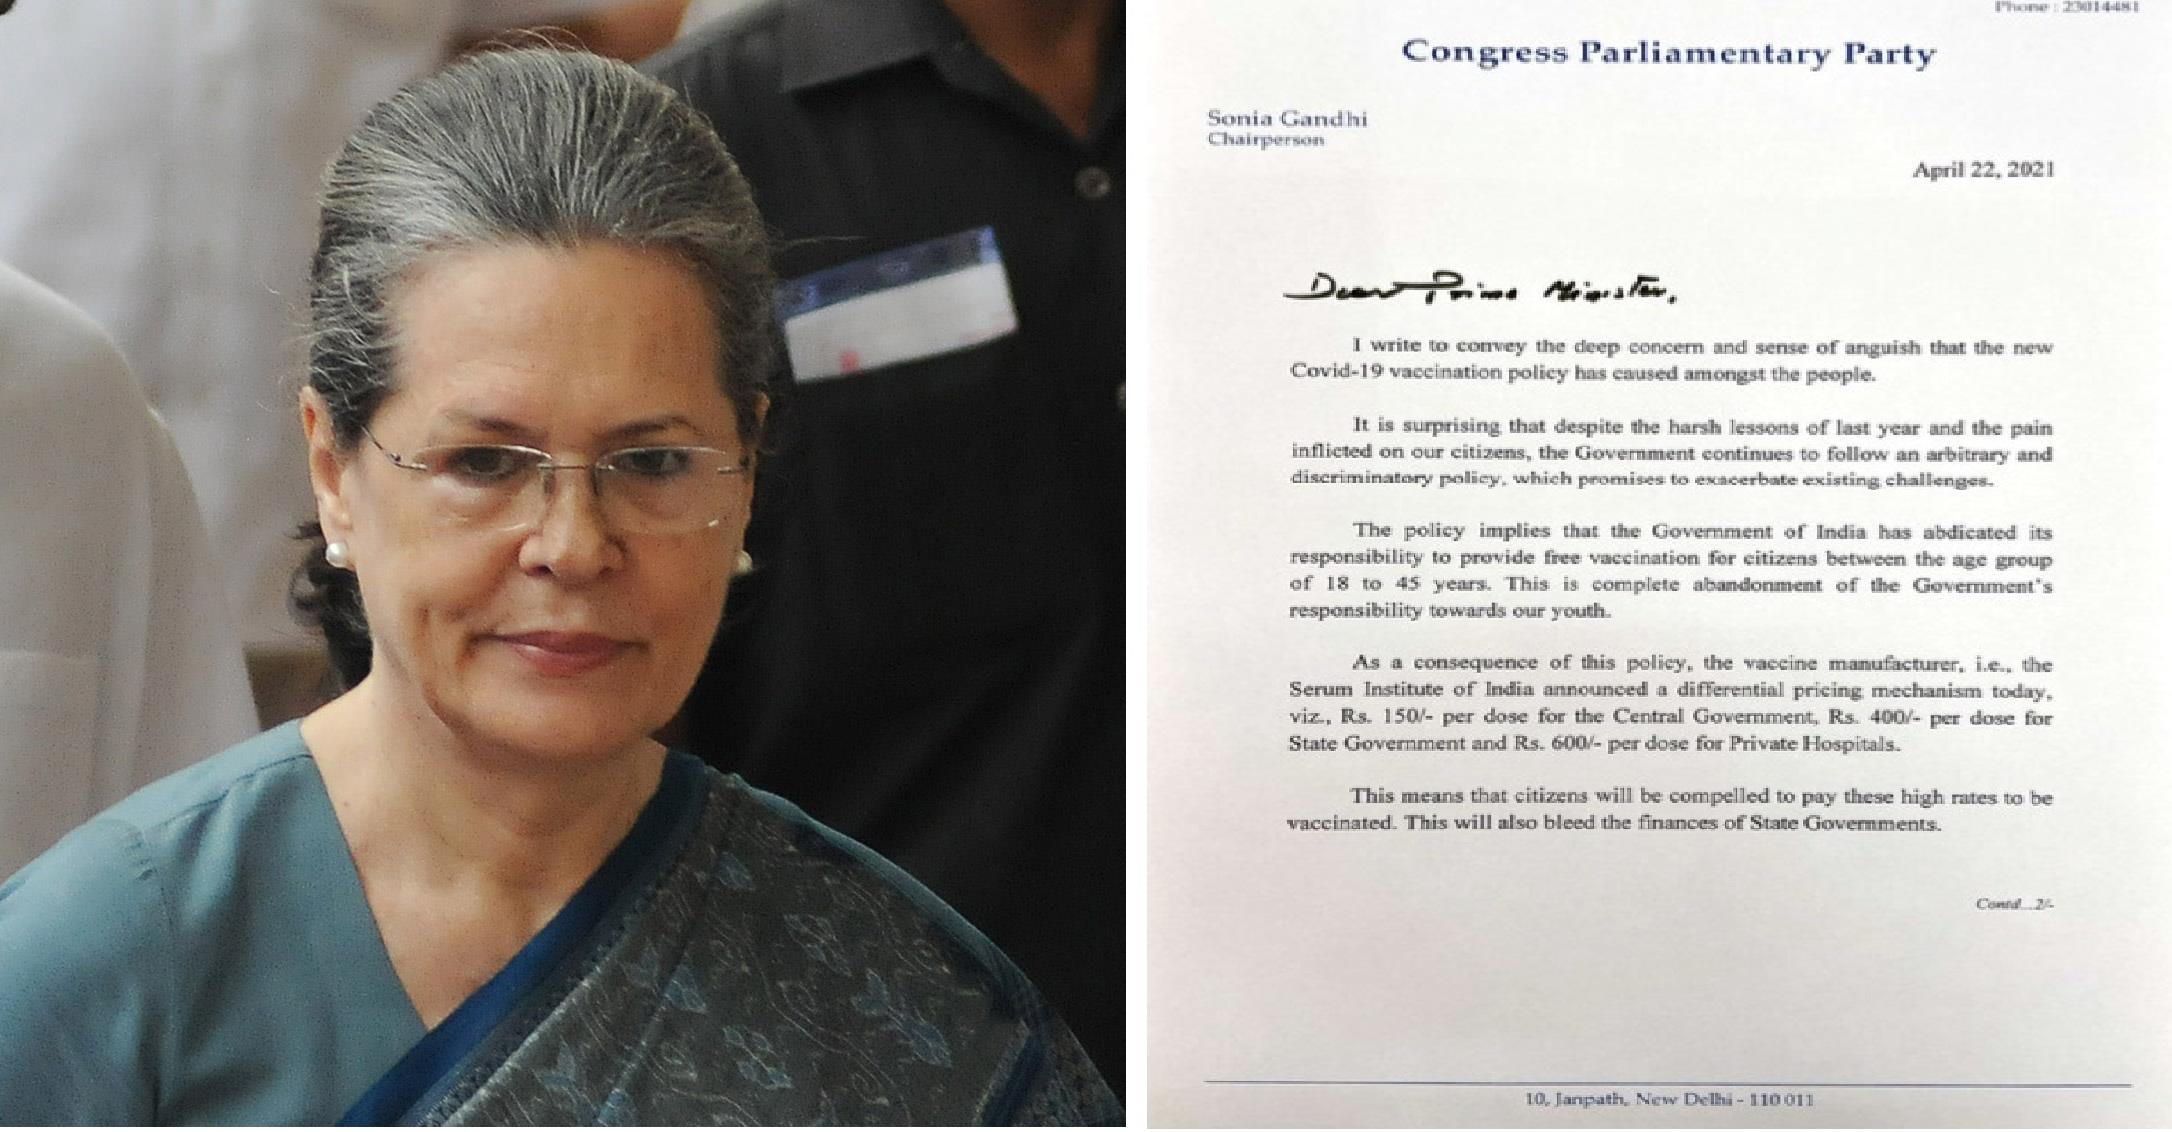 सोनिया गांधी ने PM मोदी को लिखी चिट्ठी- 'एक वैक्सीन के 3 दाम कैसे? मुनाफाखोरी को बढ़ावा दे रही है सरकार'